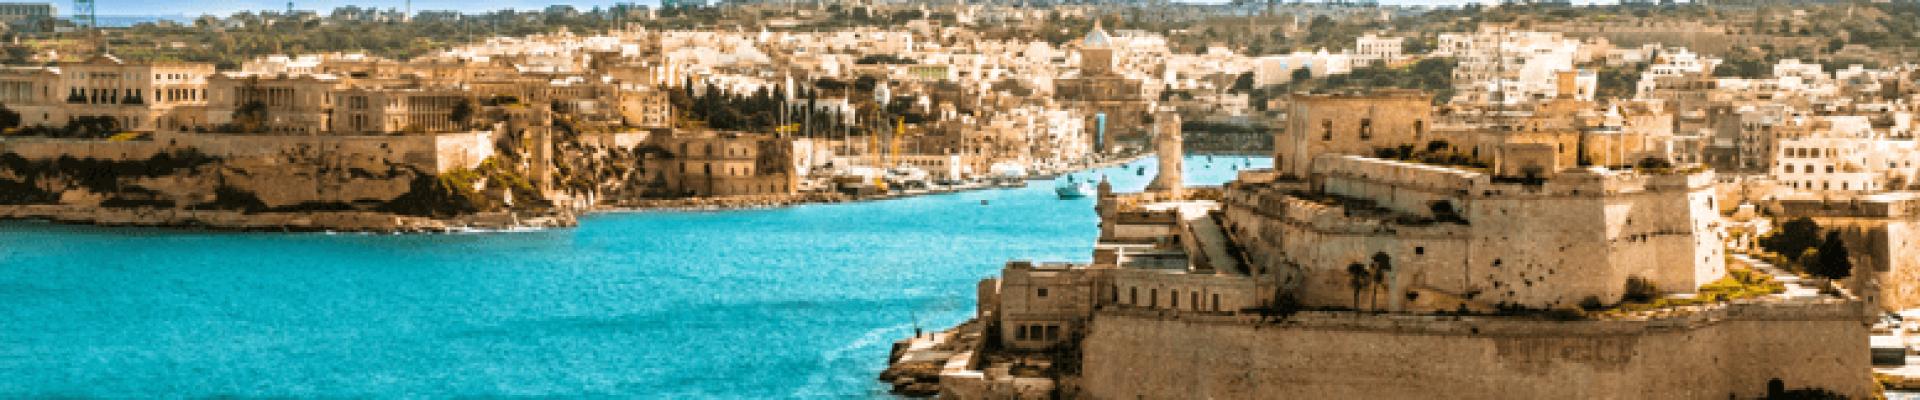 Malta-min-1.png